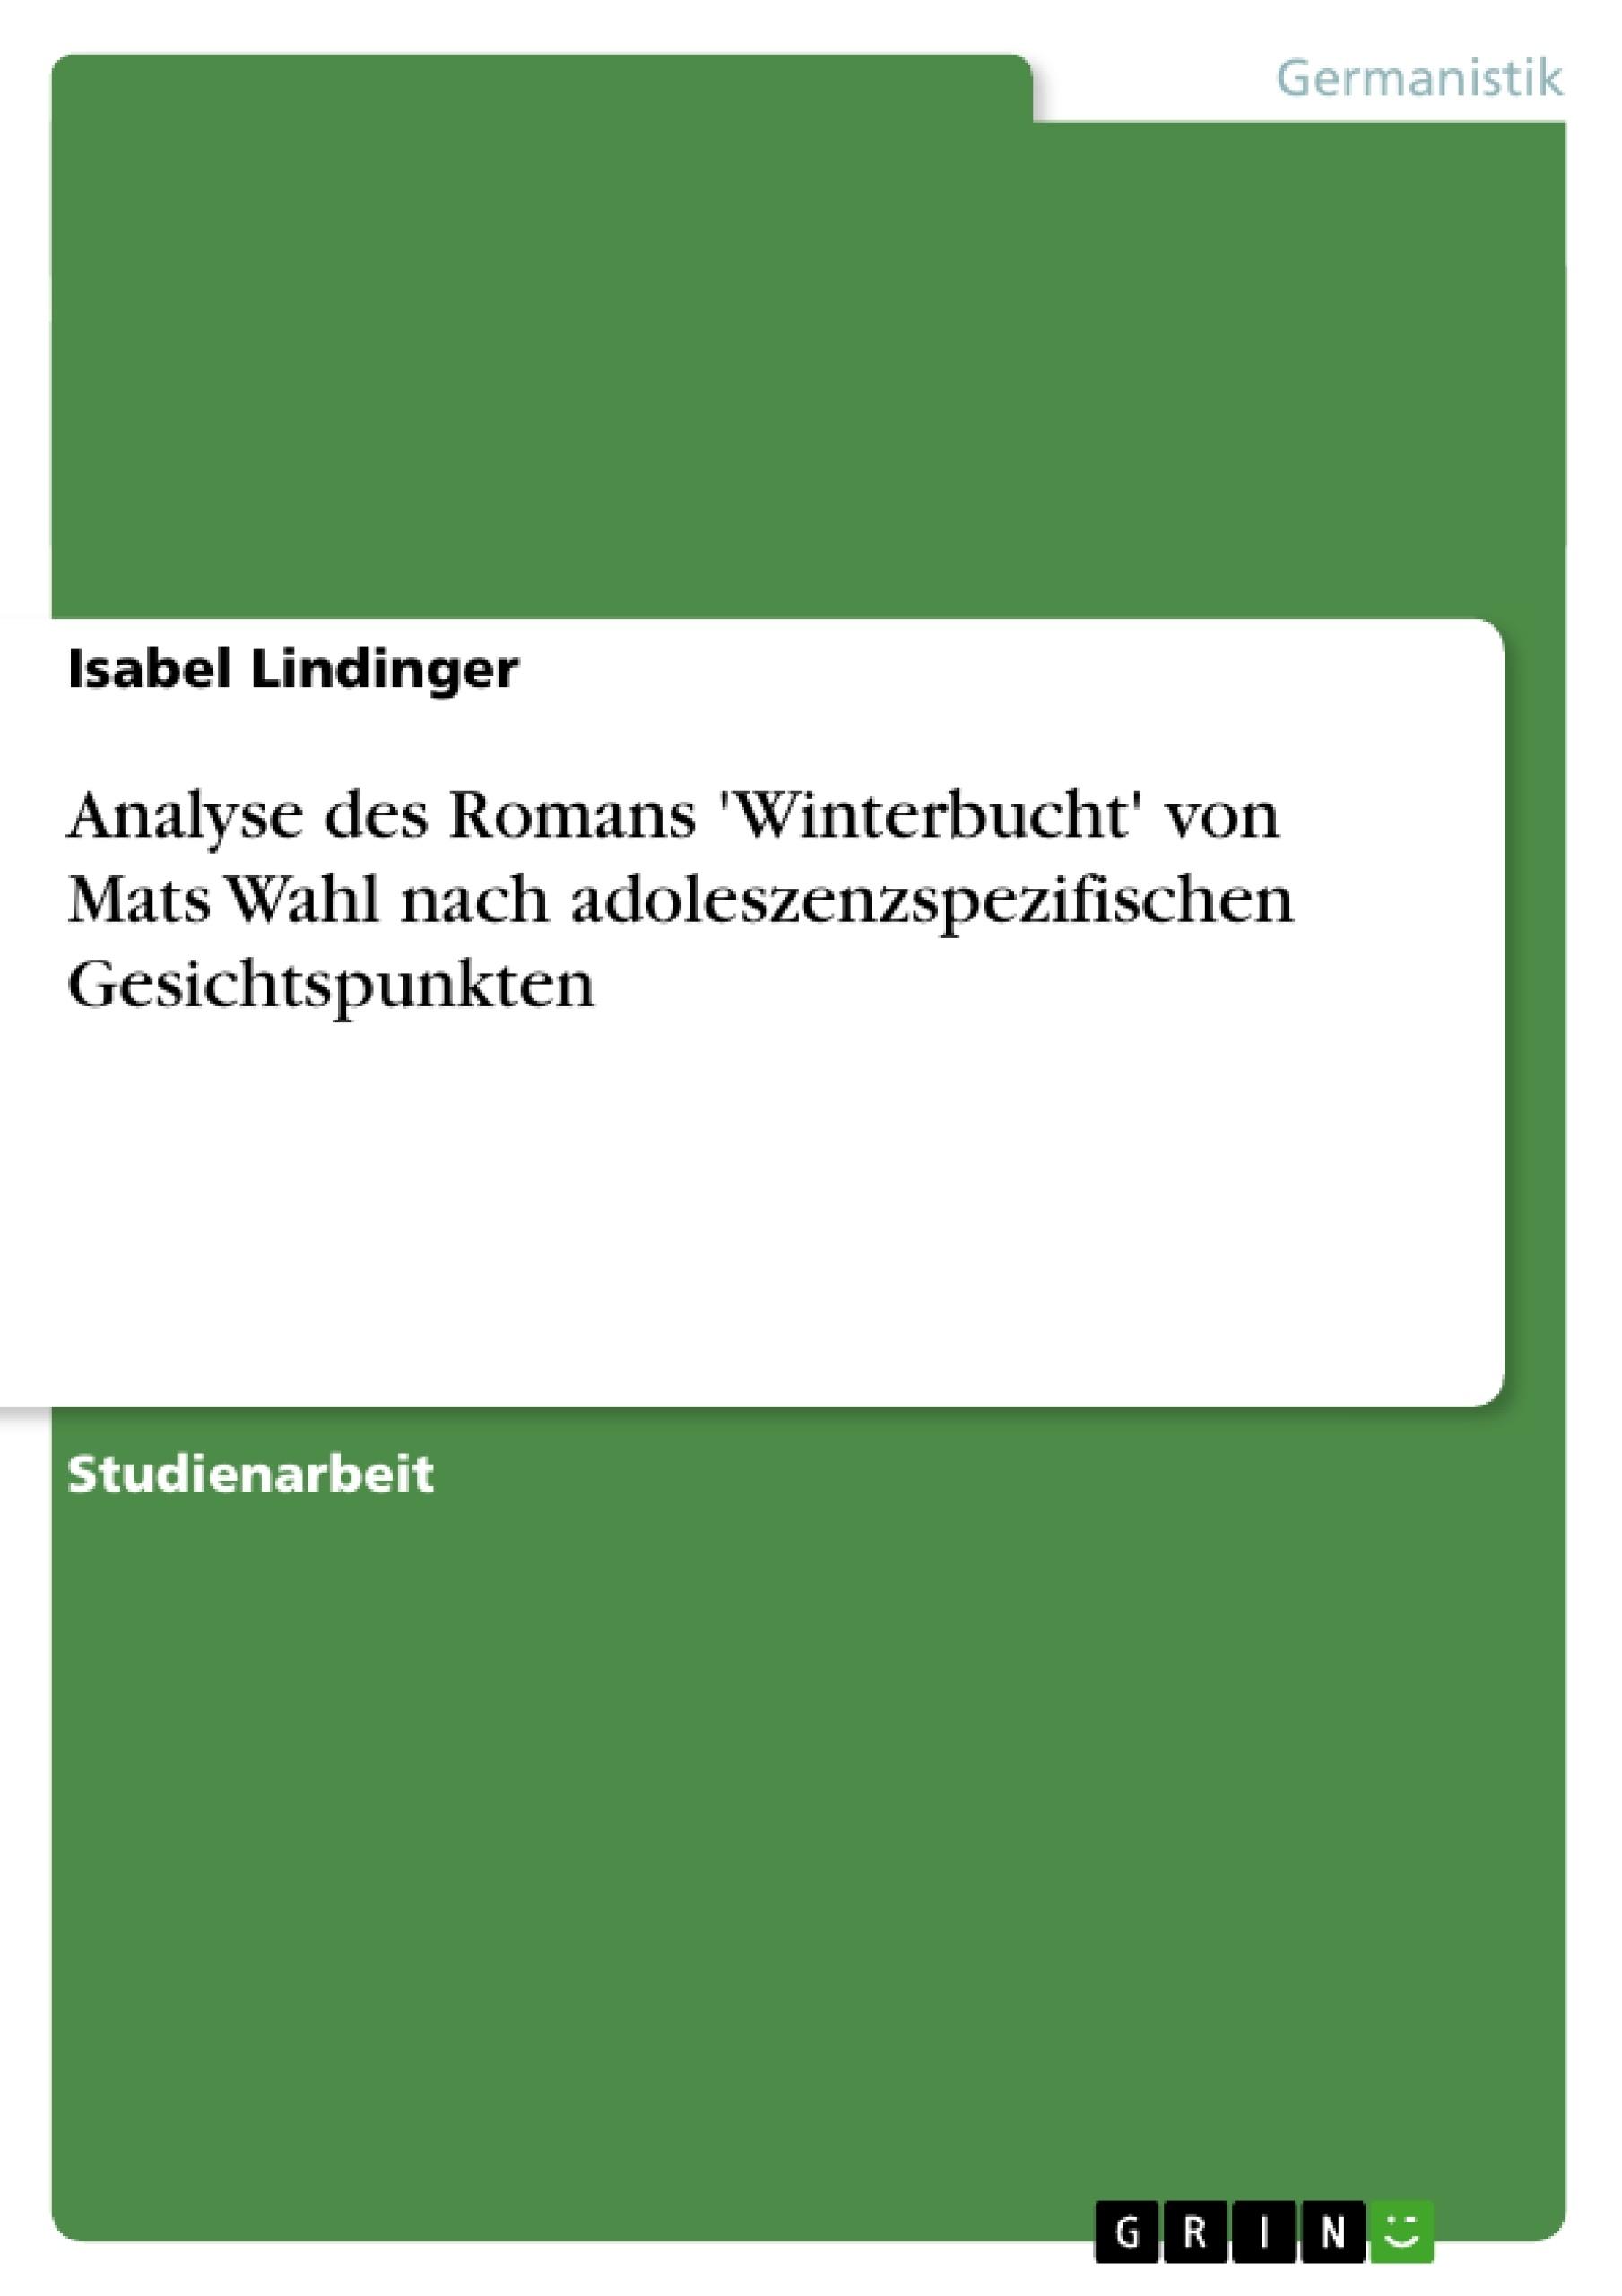 Titel: Analyse des Romans 'Winterbucht' von Mats Wahl nach adoleszenzspezifischen Gesichtspunkten